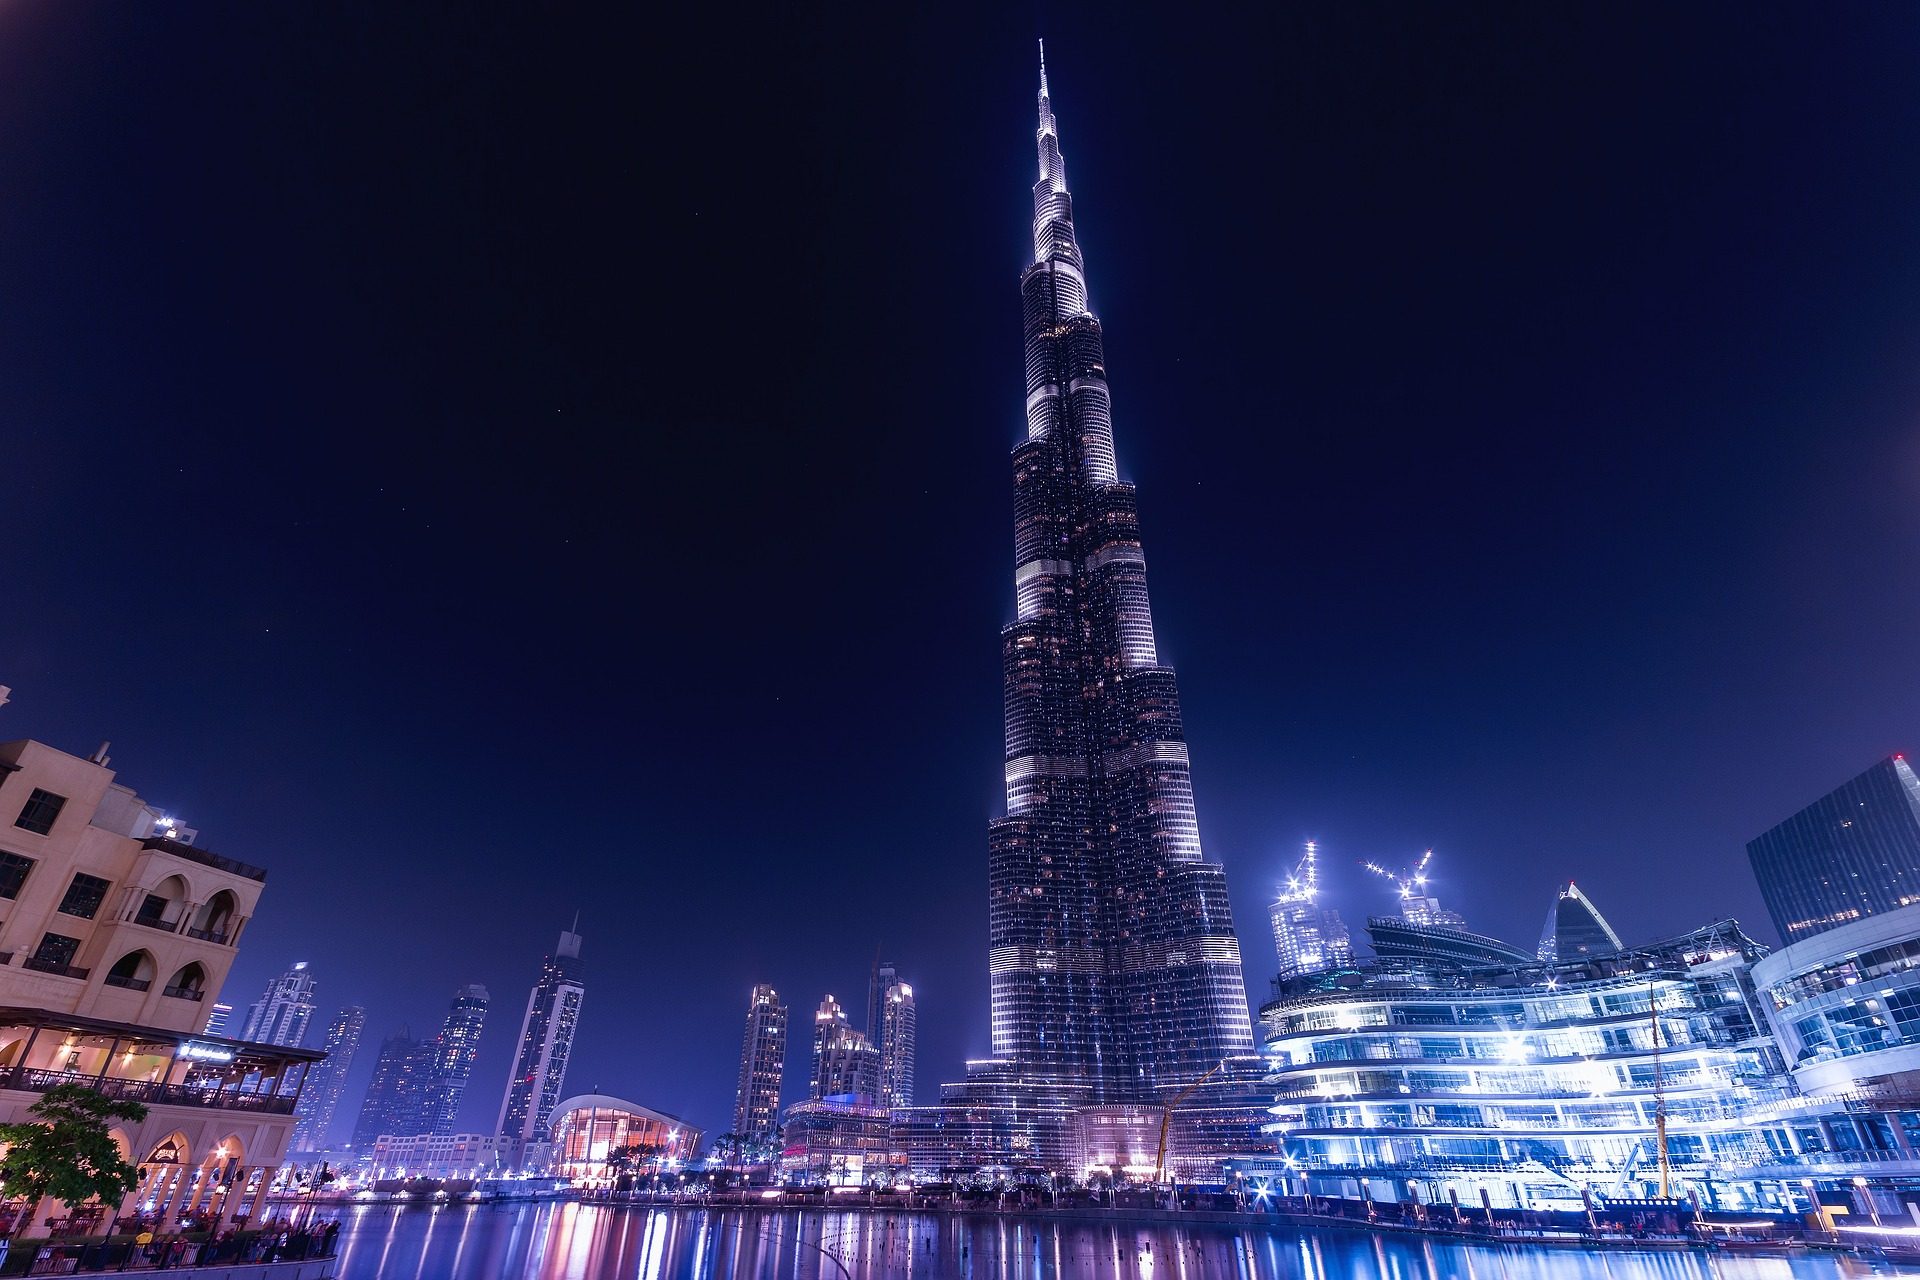 Burj Khalifa: conheça os desafios construtivos do maior edifício do mundo